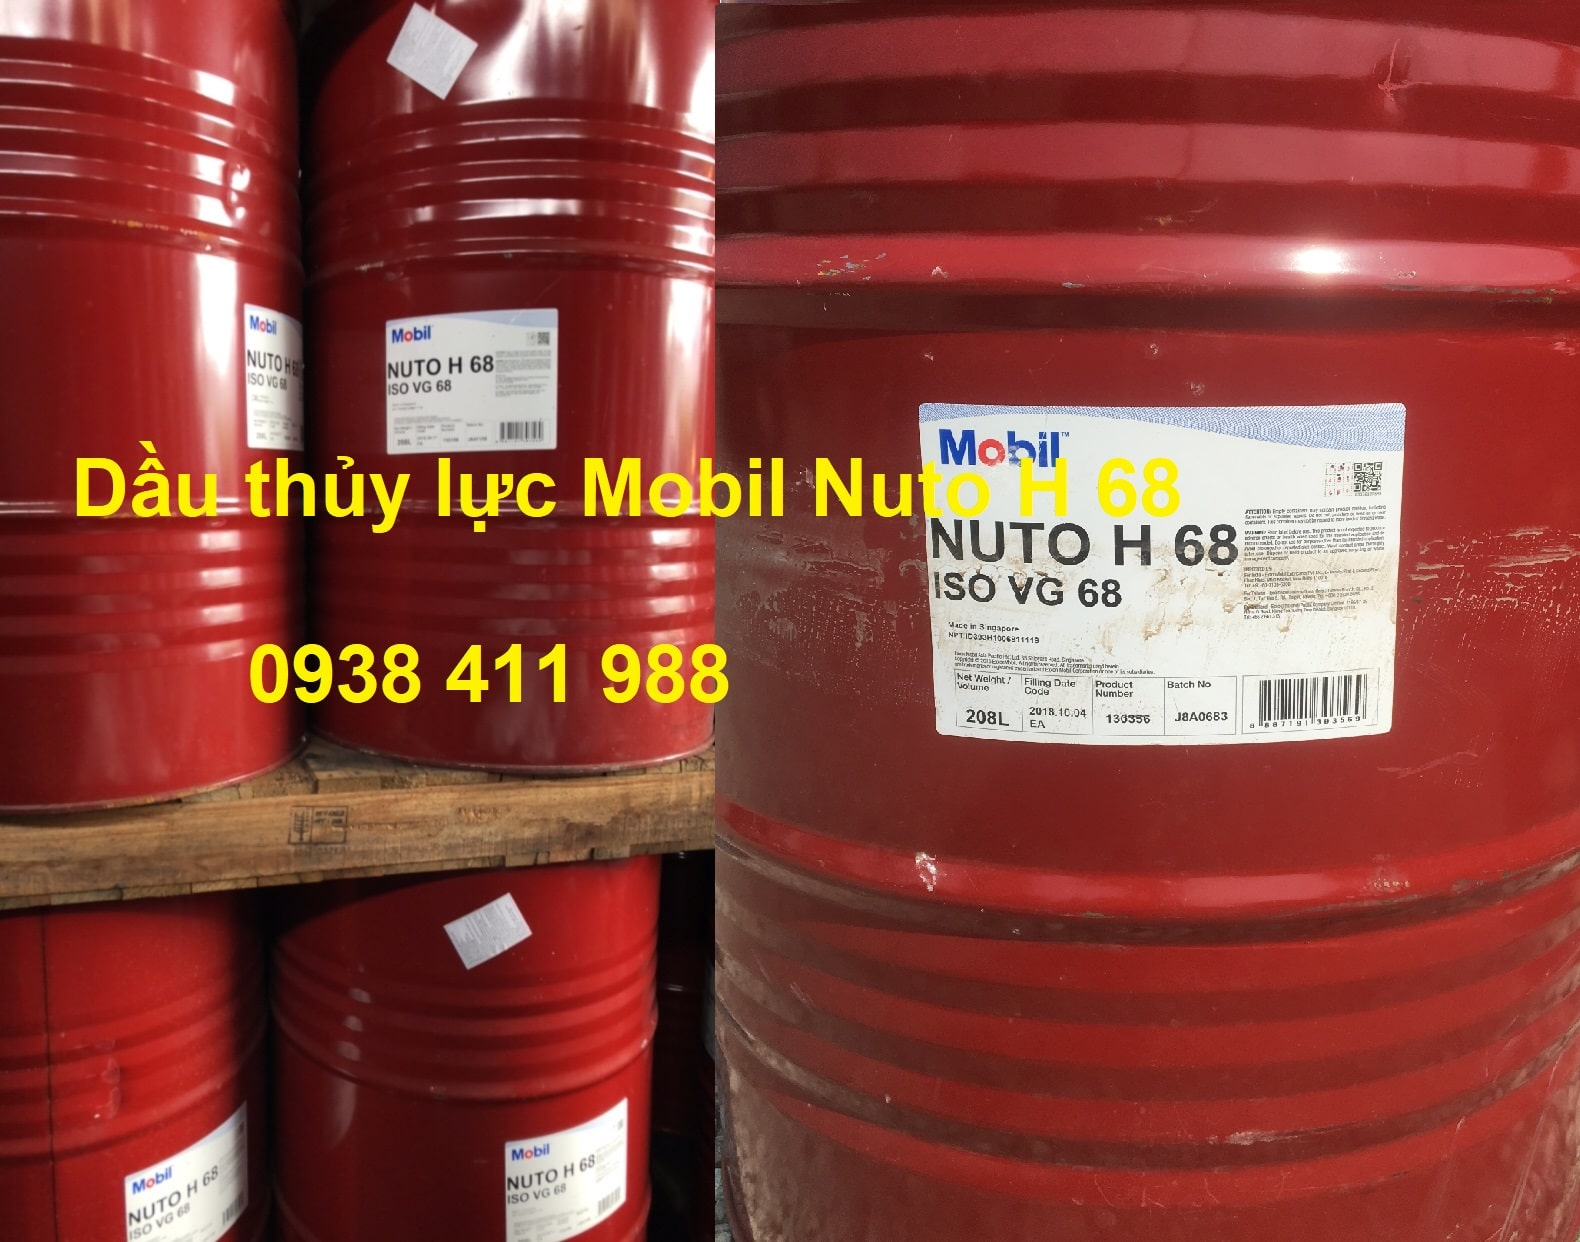 Giá dầu thủy lực Mobil Nuto H 68